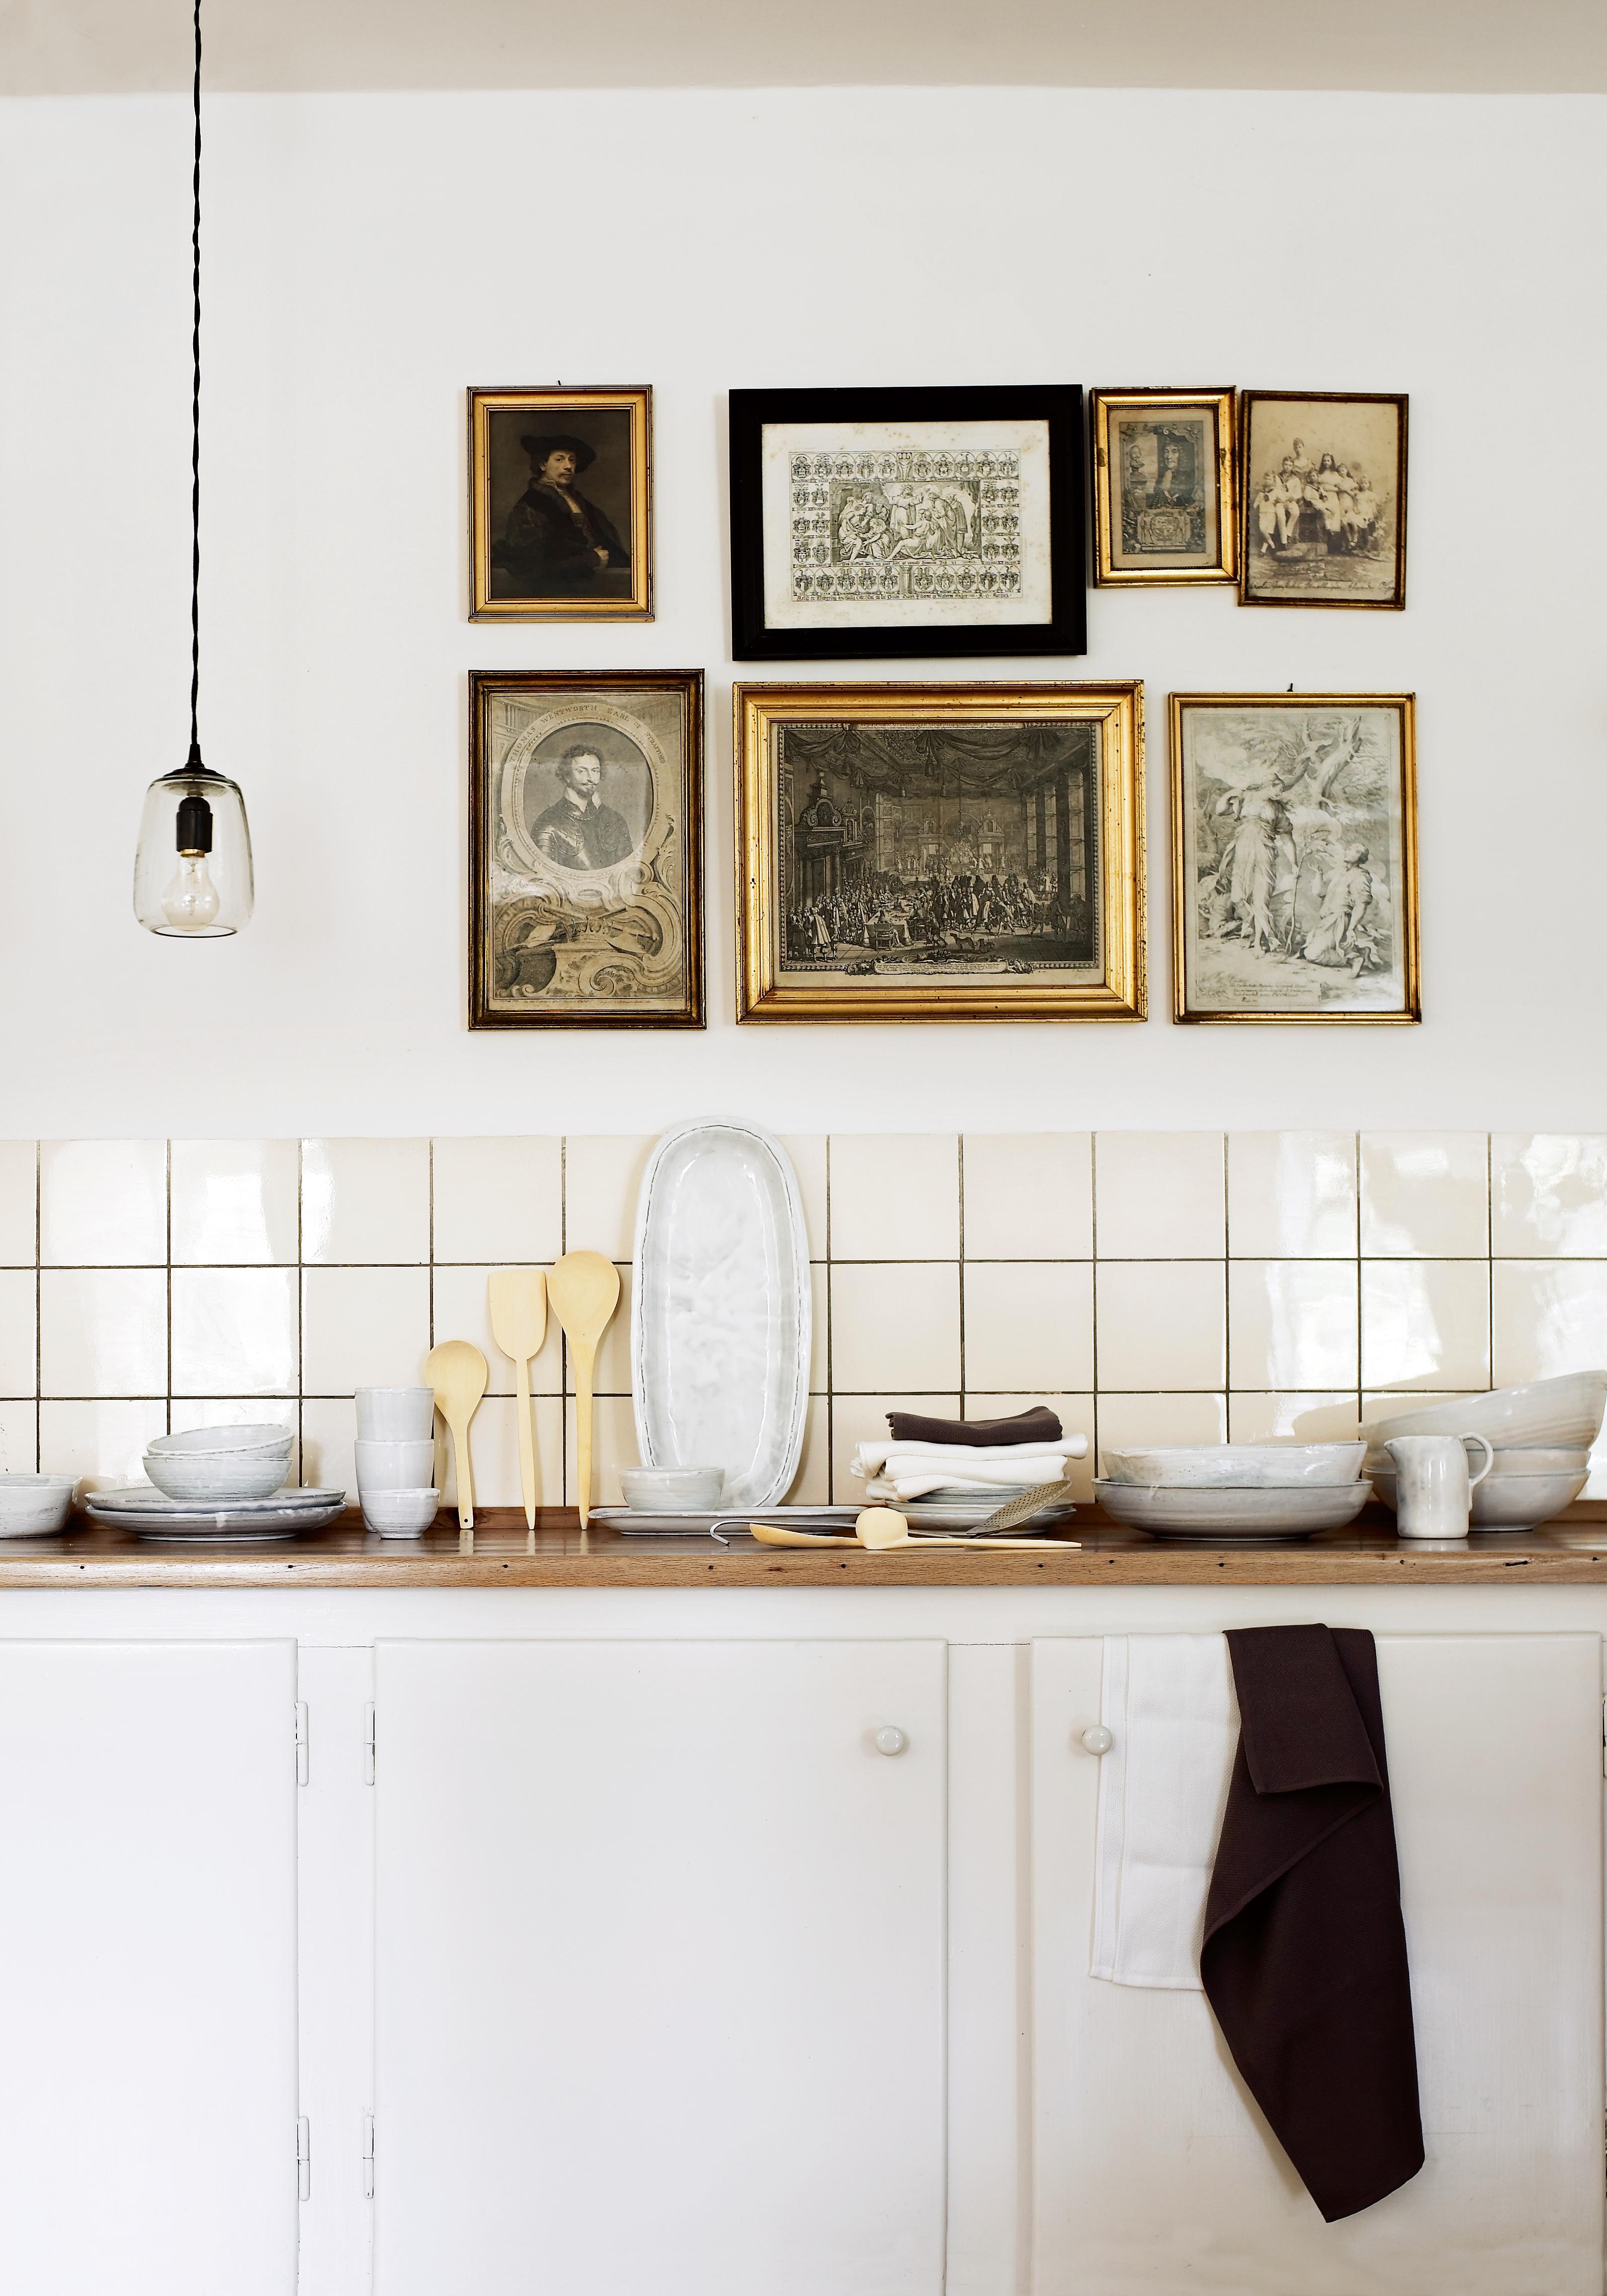 Eigentlich Möchte Uns Die Dänische Firma Tine K. Home Mit Diesem Bild Ihre  Schöne Geschirrkollektion Vorstellen. Doch Wir Sind, Genauso Wie Das  Fototeam, ...